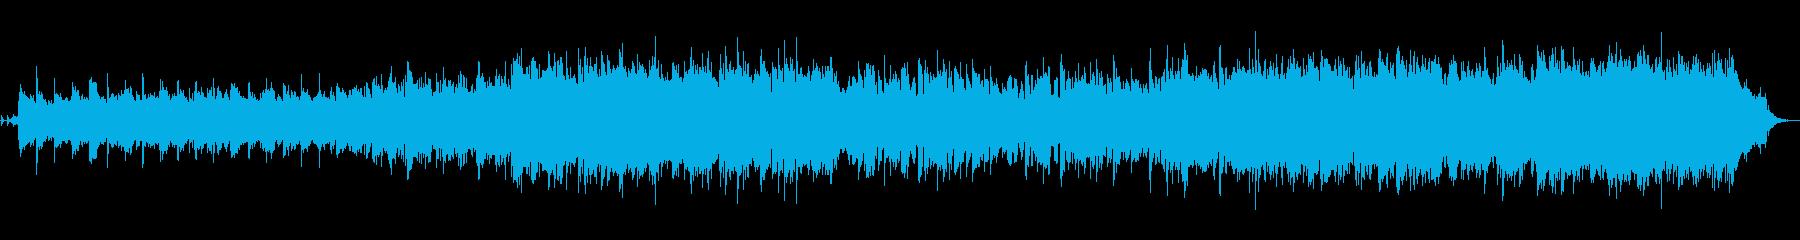 ハイテンポで激しいイングリッシュホルン曲の再生済みの波形